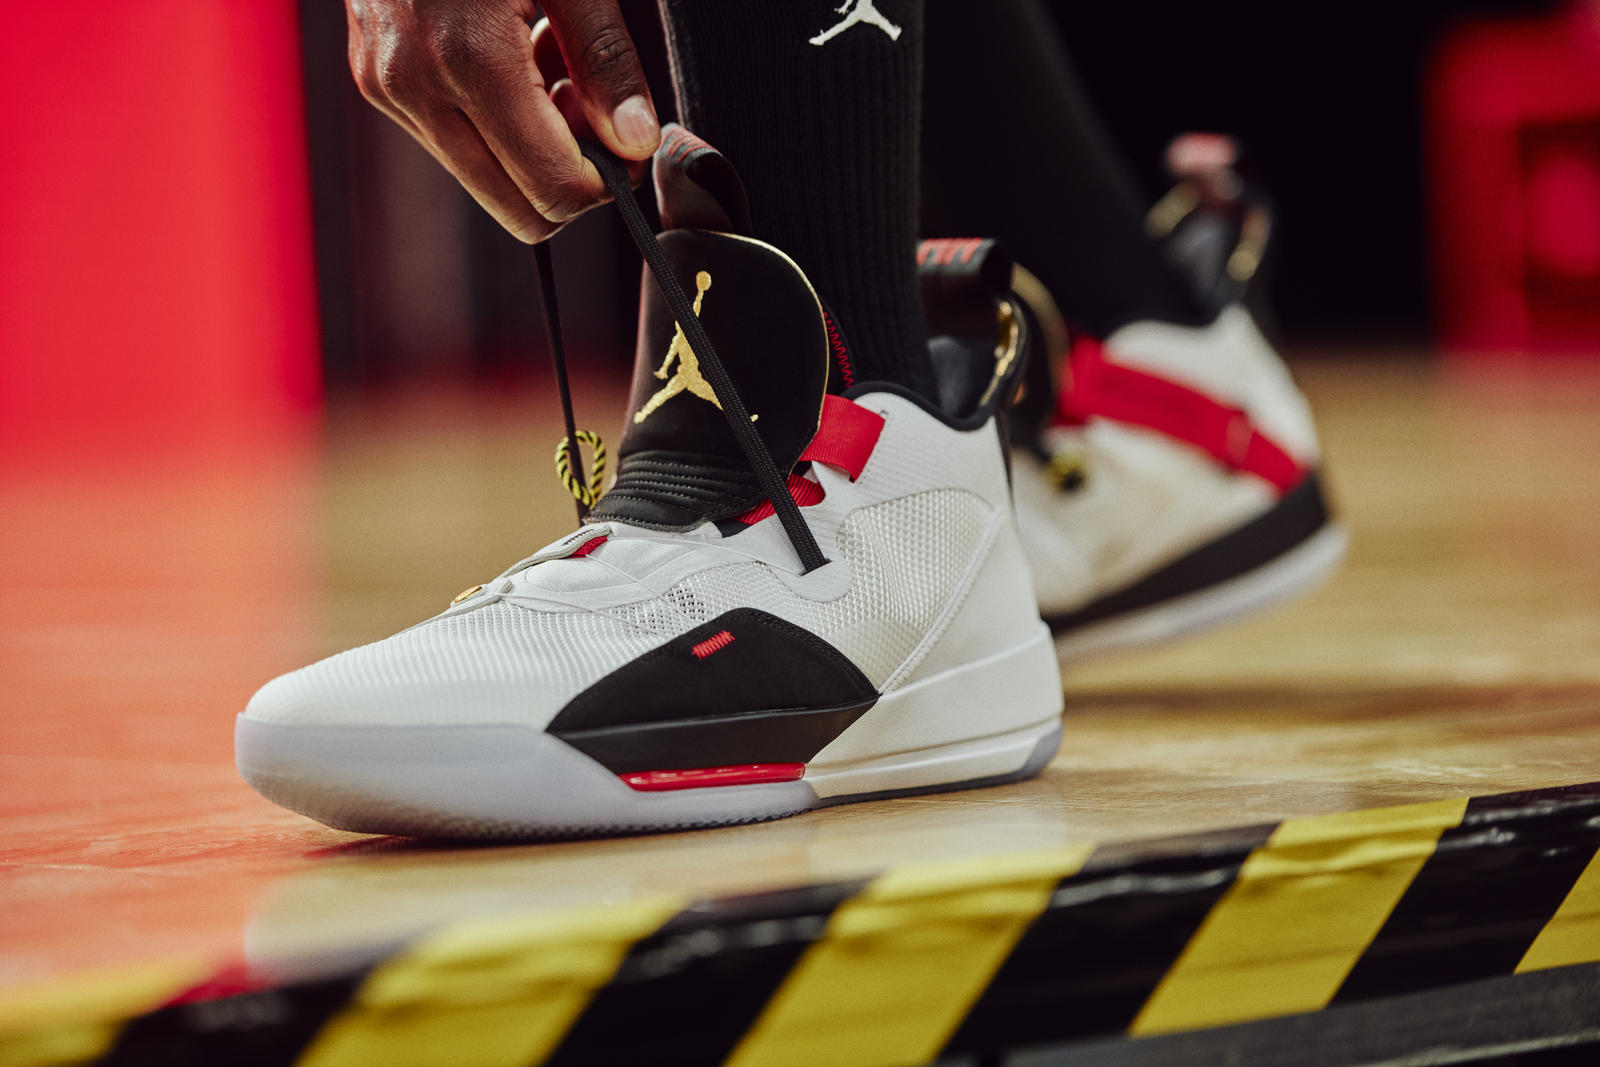 L'Air Jordan XXXIII enfin dévoilée, adieu les lacets !